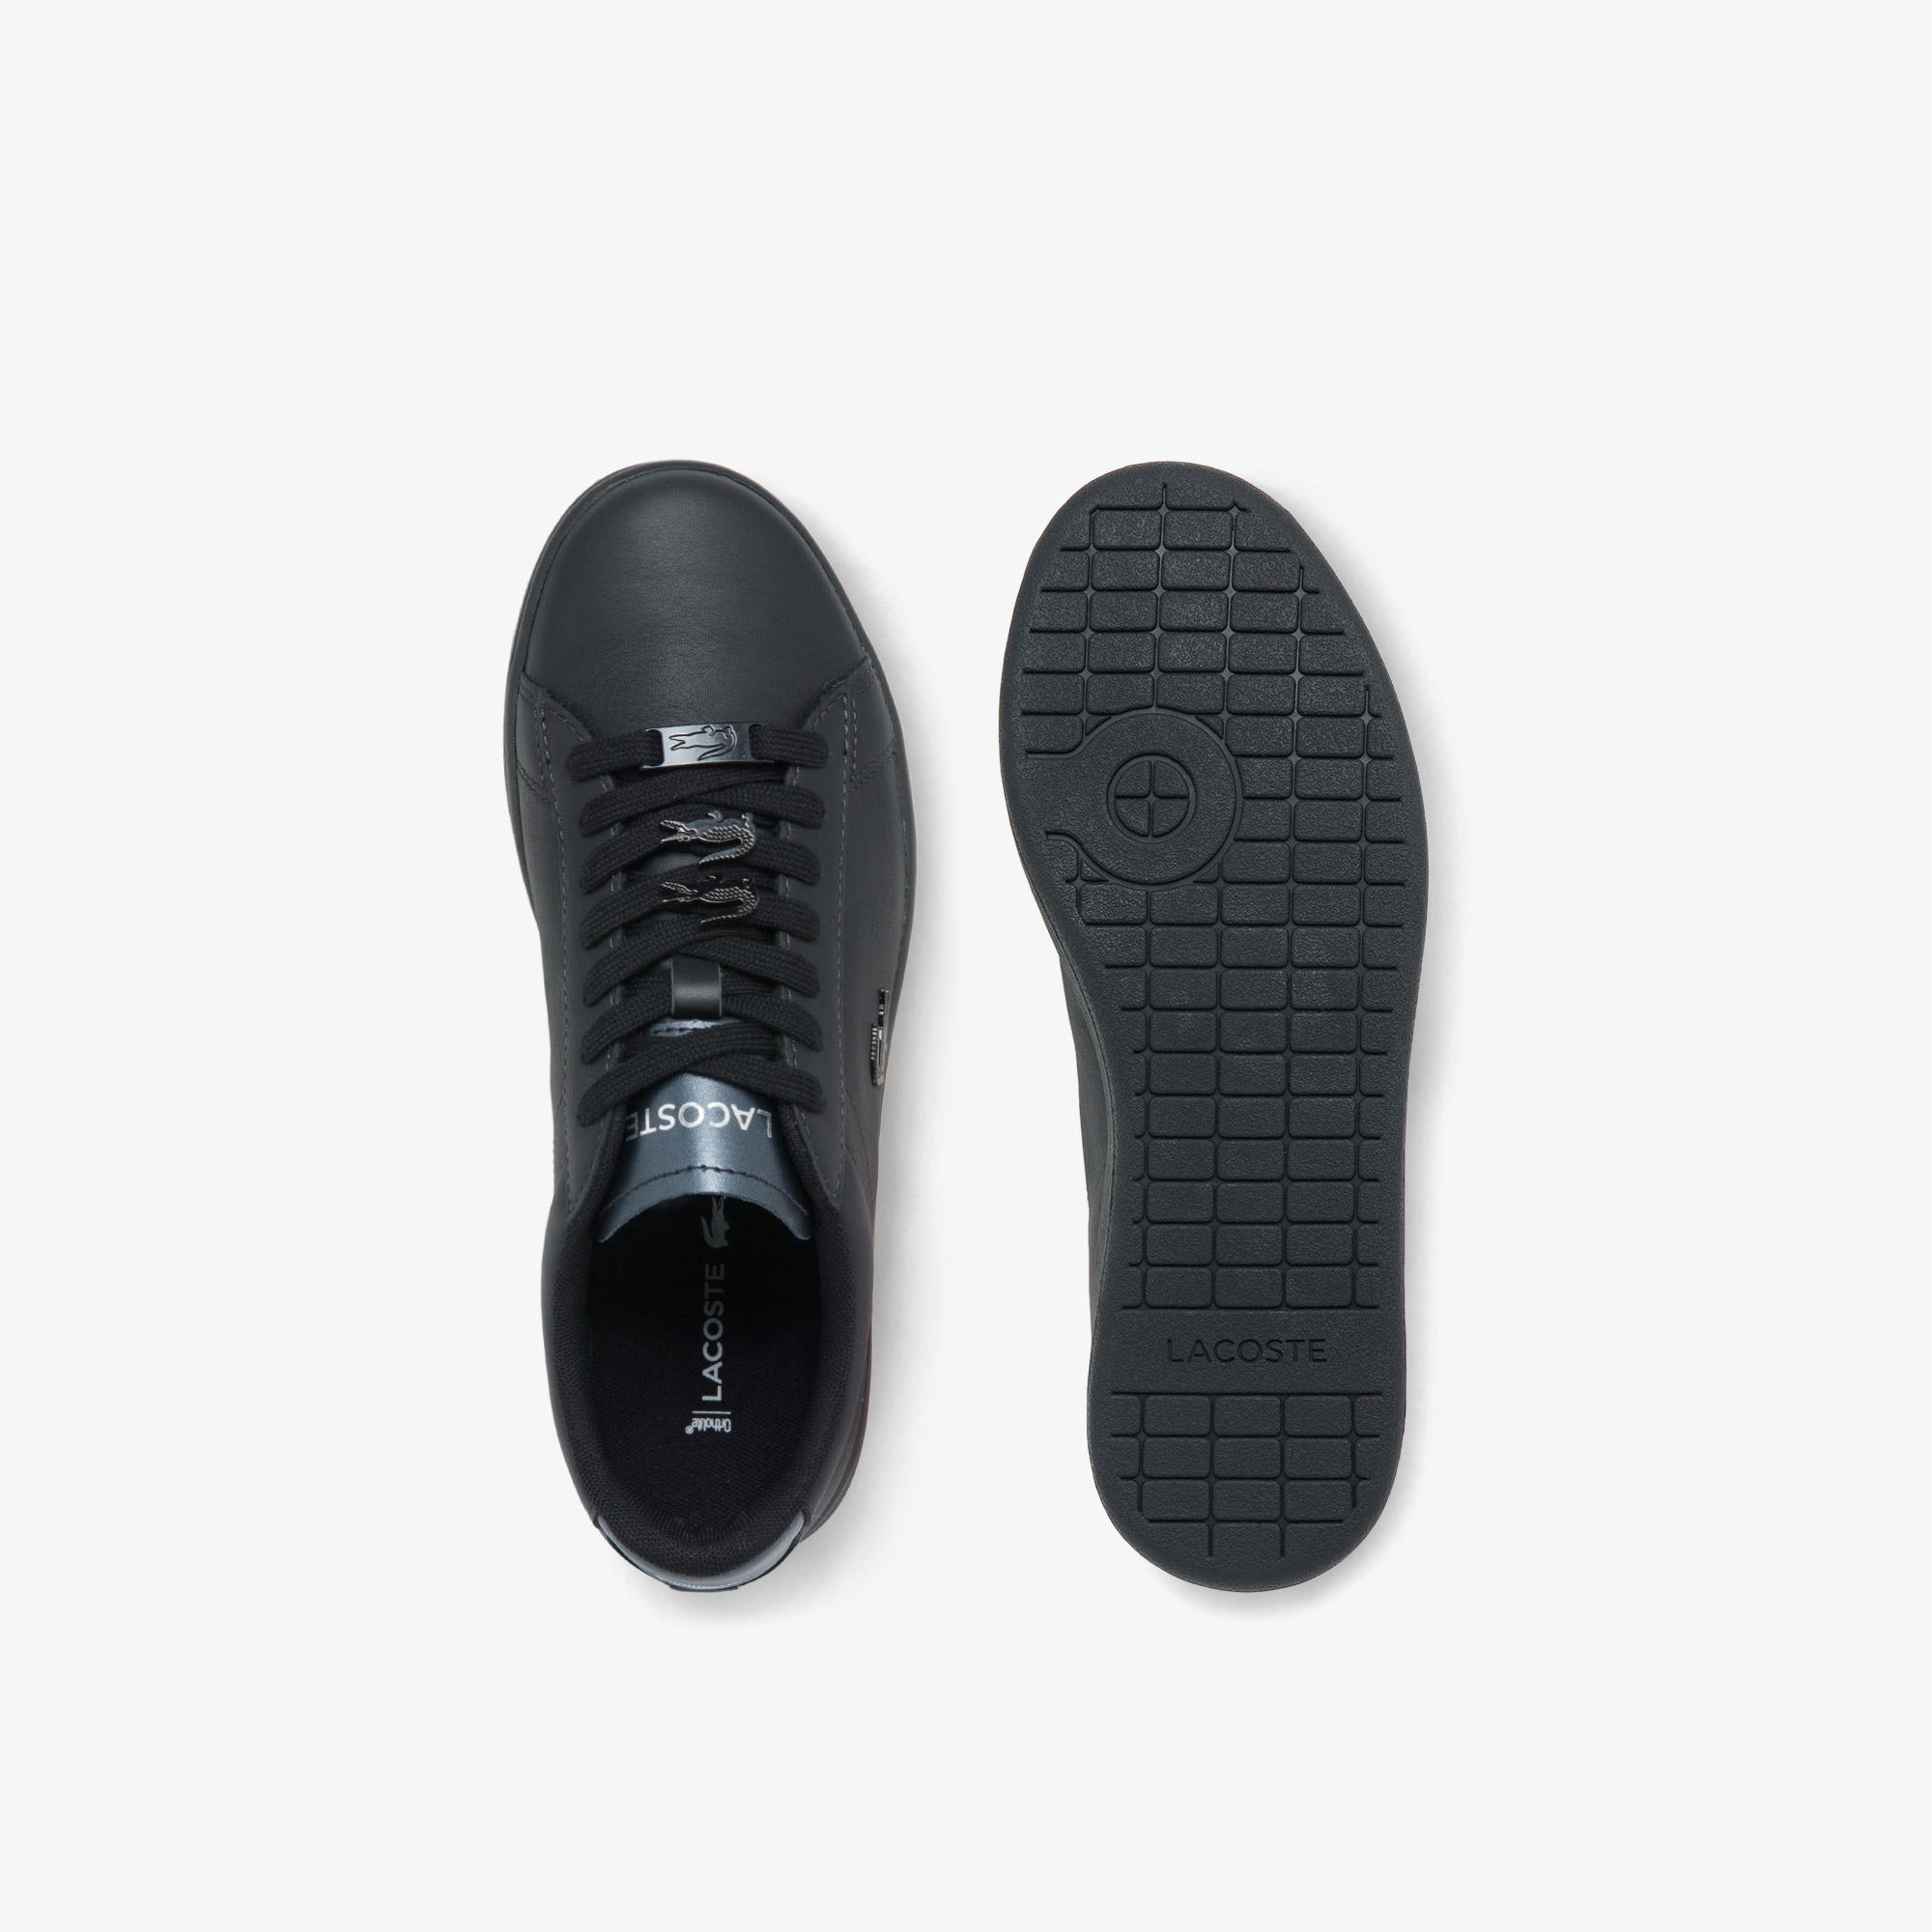 Lacoste Carnaby Evo 0521 1 Sfa Kadın Deri Siyah Sneaker